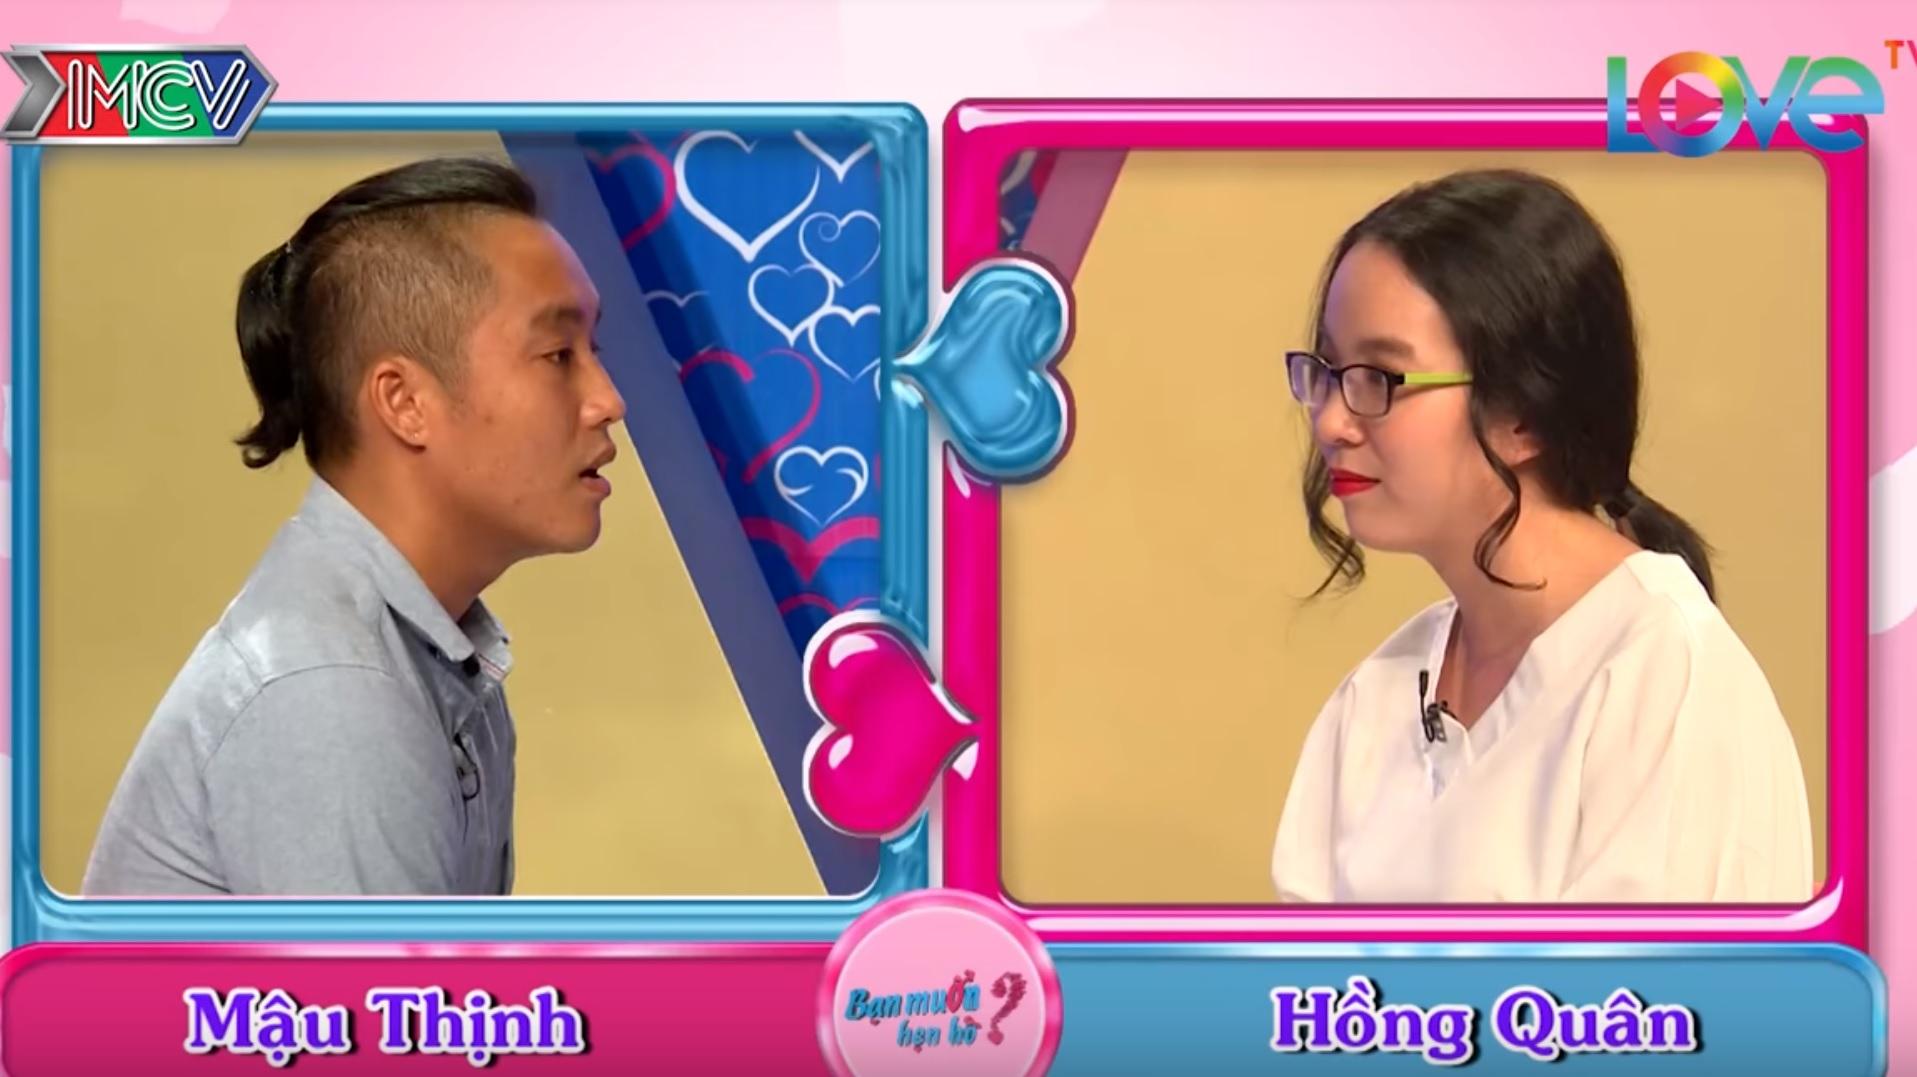 Bạn muốn hẹn hò: Chàng trai đối đáp tay đôi với cô gái, từ chối hẹn hò ngay cả khi chưa bấm nút - Ảnh 3.